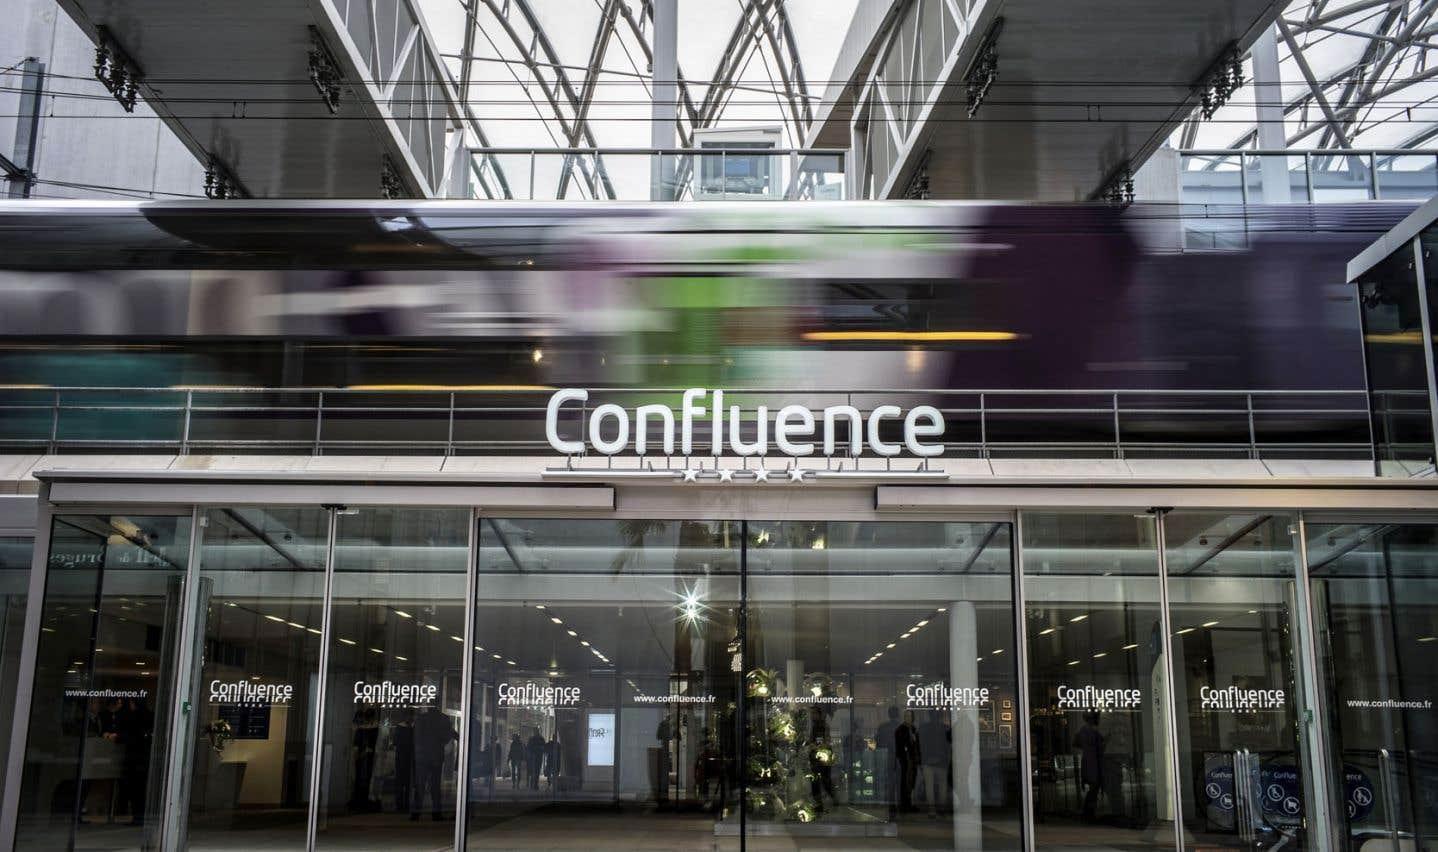 Confluence est un nouveau quartier branché bâti sur les friches industrielles au sud du centre-ville de Lyon.